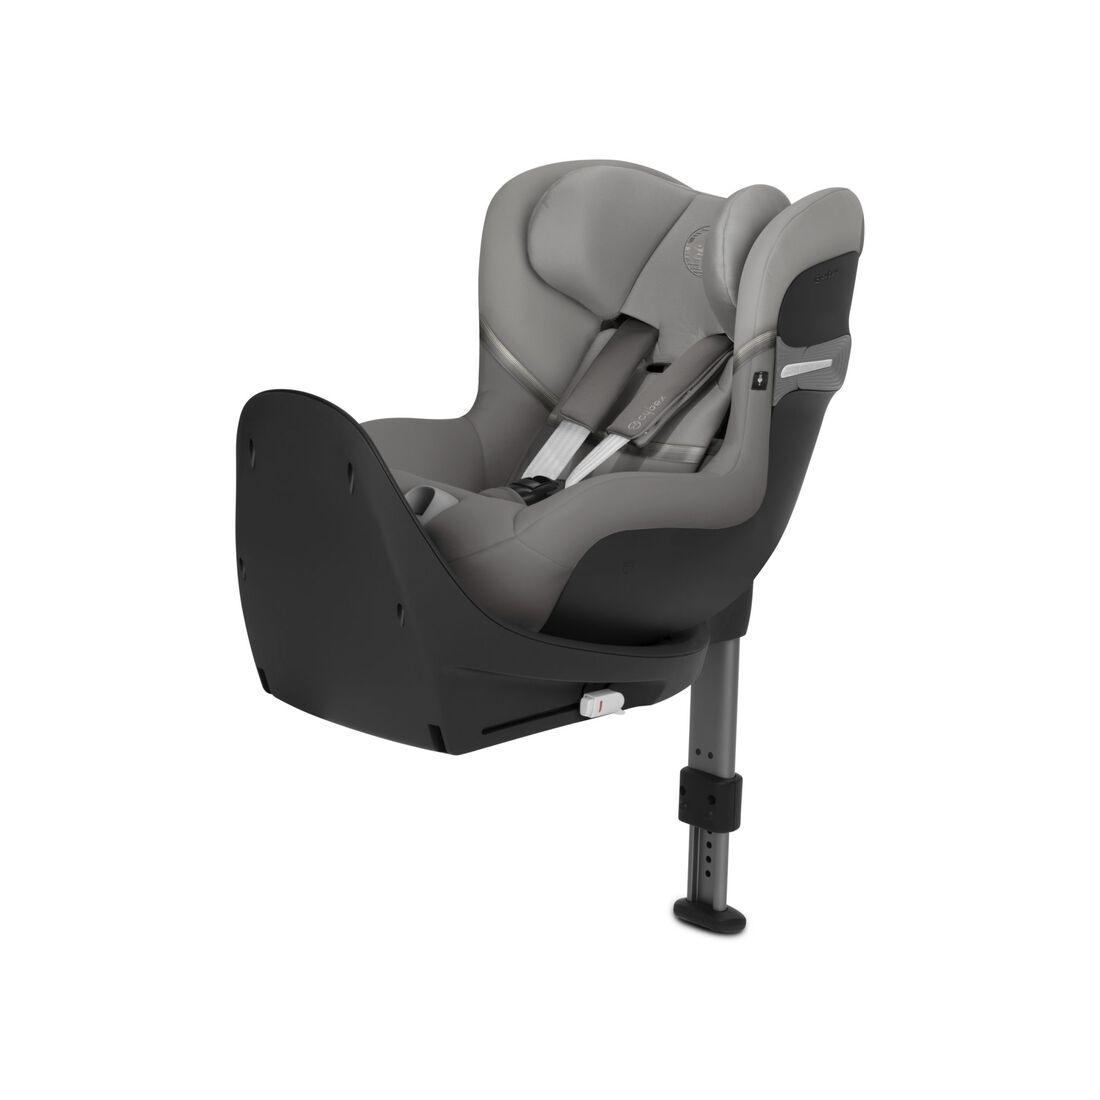 CYBEX Sirona S i-Size - Soho Grey in Soho Grey large image number 1